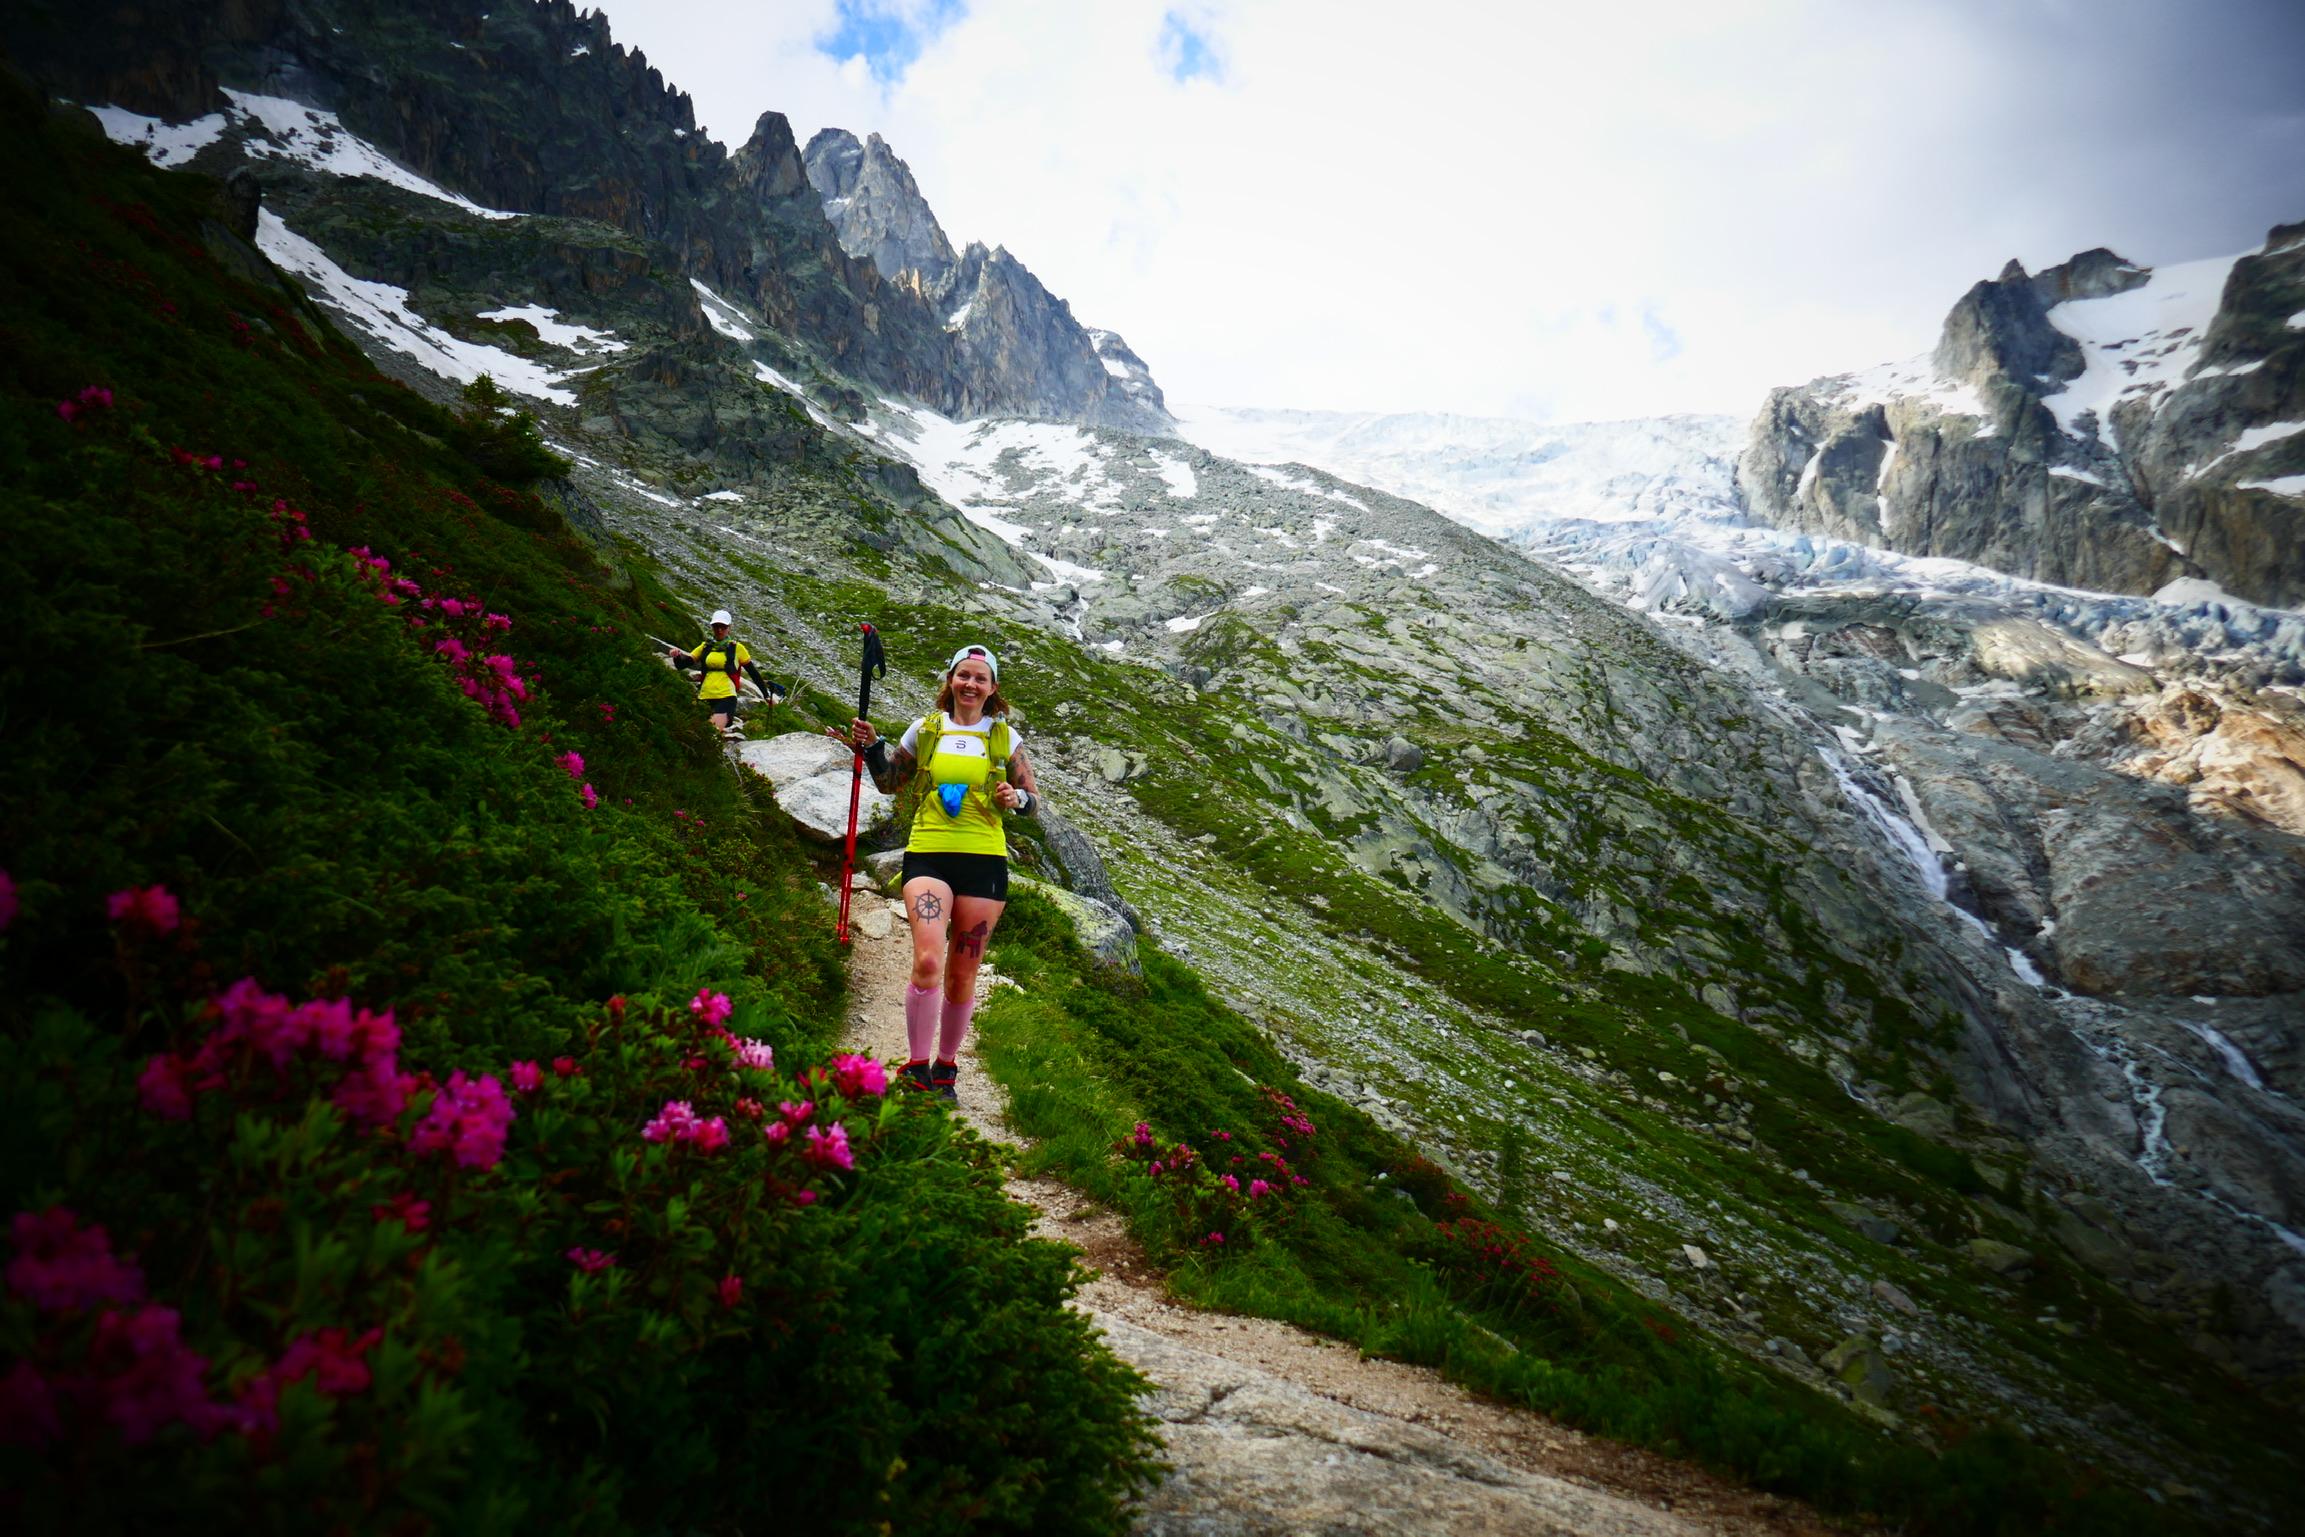 Tour du Mont Blancin reissurapsa jatkuu – koko saldo 160 km ja 10 000 nousumetriä